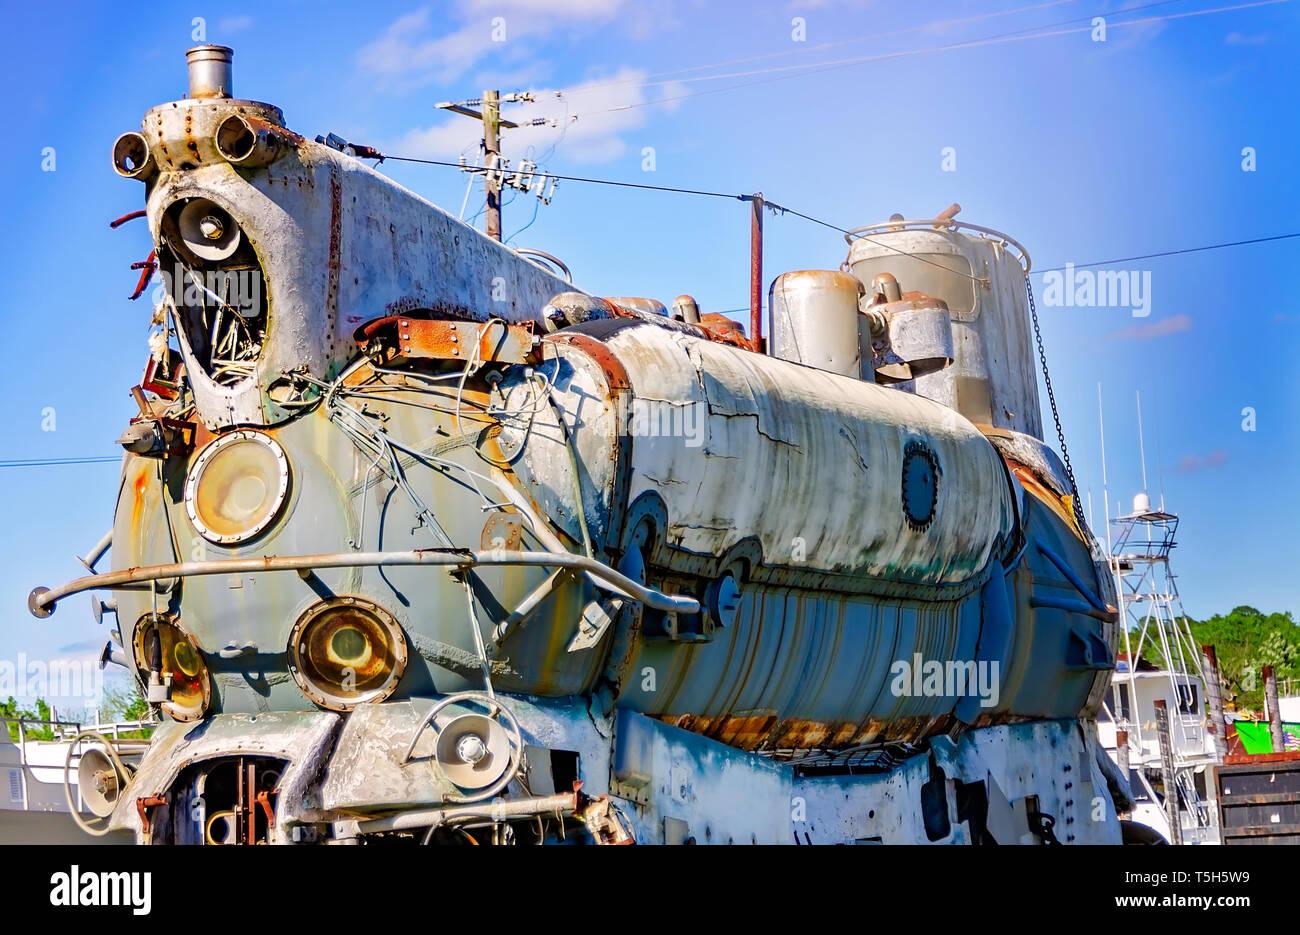 Una guerra fría submarino ruso royas lejos en Astillero Steiner, 8 de febrero de 2017, en Bayou La Batre, Alabama. Imagen De Stock